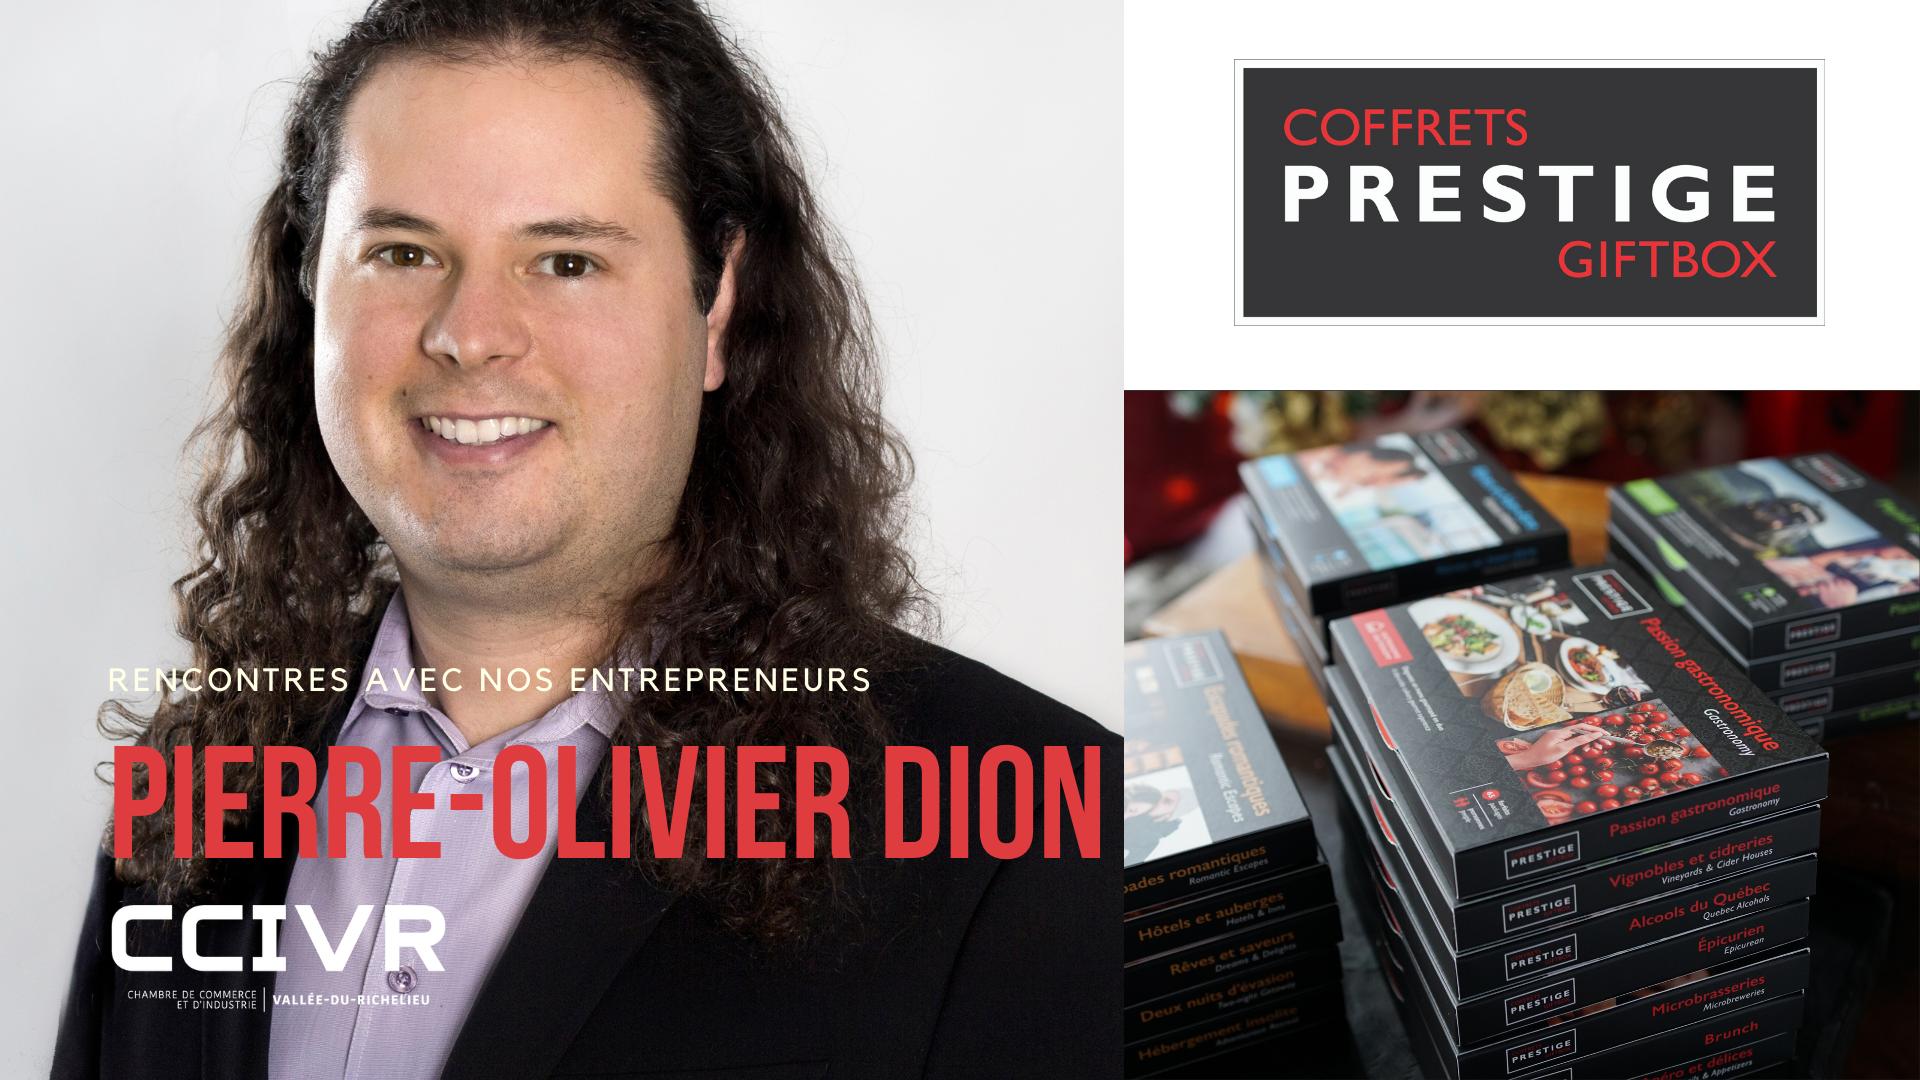 Pierre-Olivier Dion, propriétaire de Coffrets Prestige